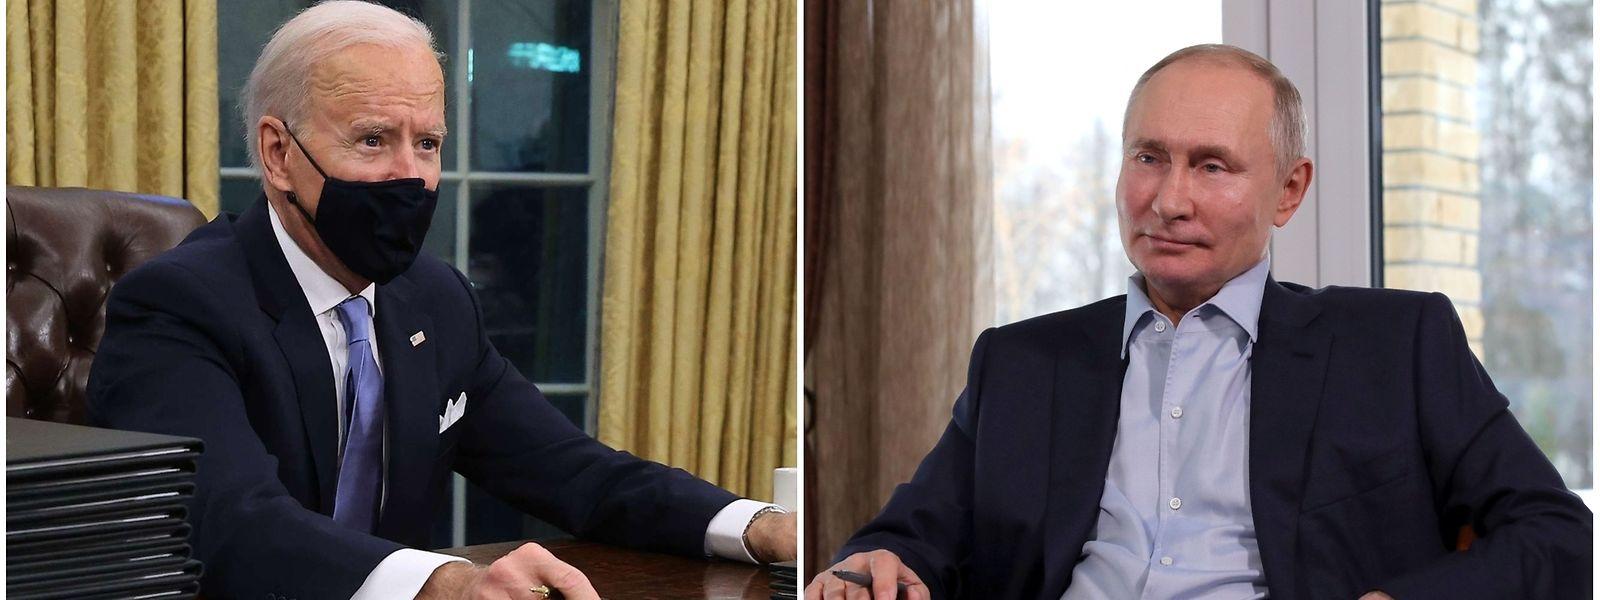 Es war das erste Telefonat zwischen Joe Biden (l.) und Wladimir Putin nach Bidens Amtsantritt.